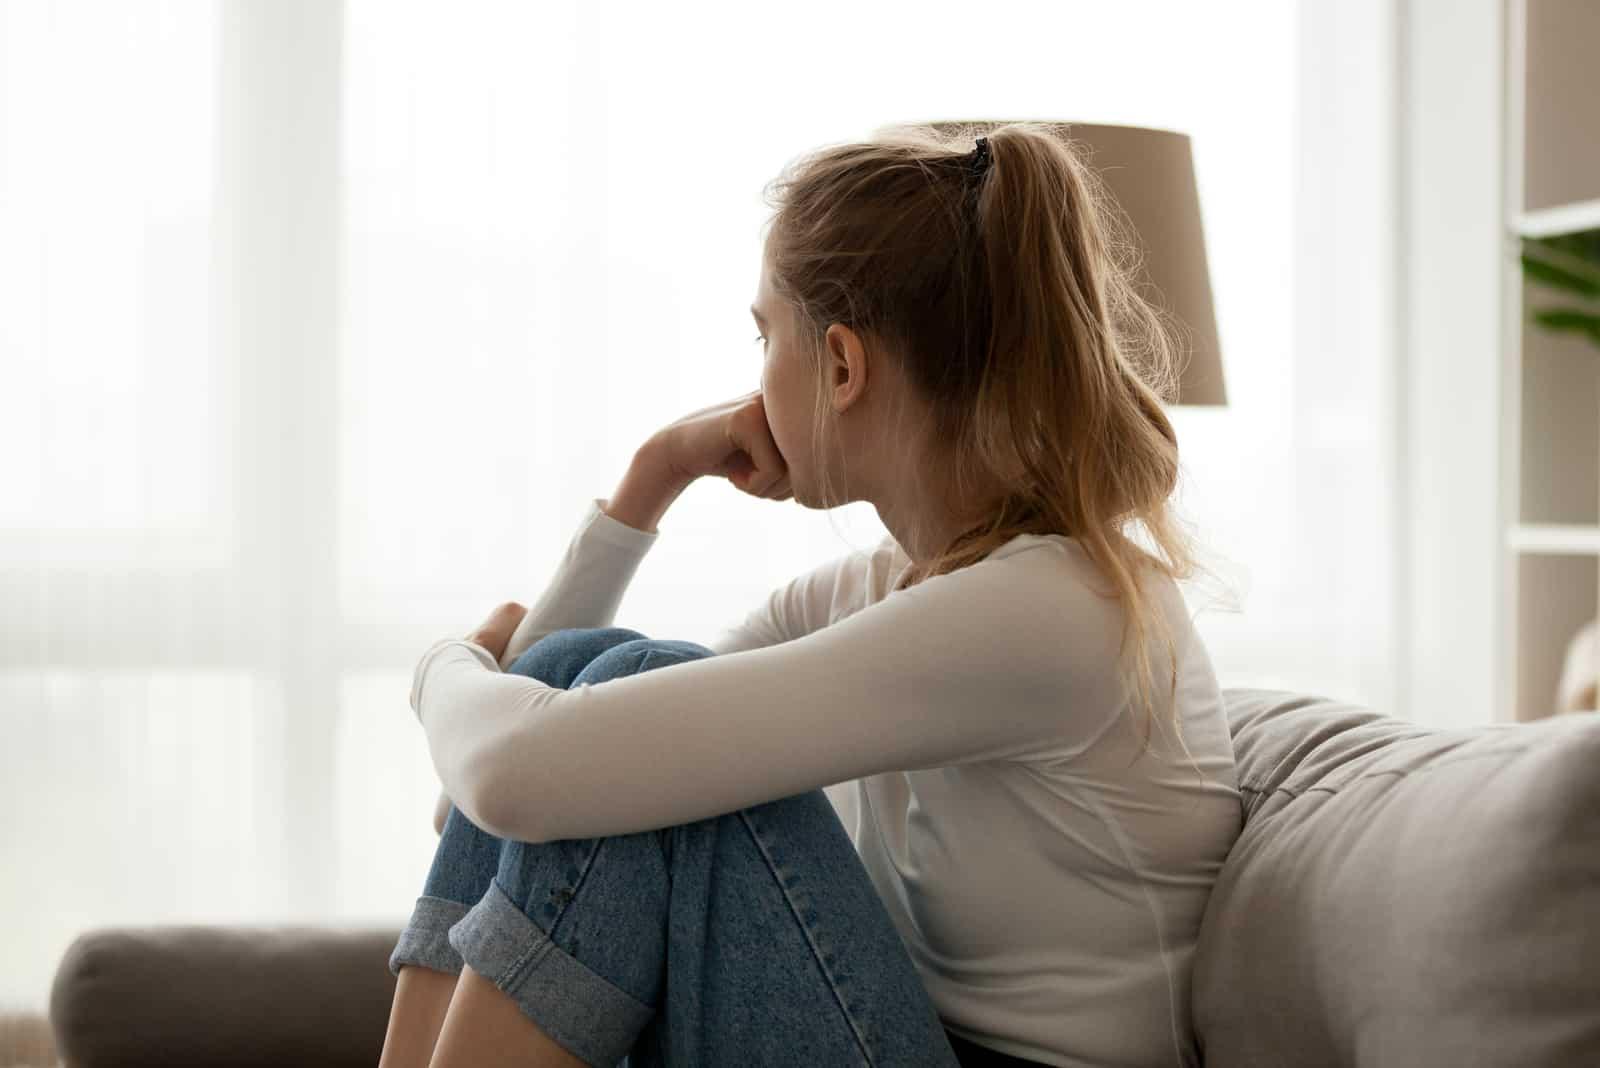 junge Frau, die zu Hause auf der Couch sitzt und am Fenster wegschaut